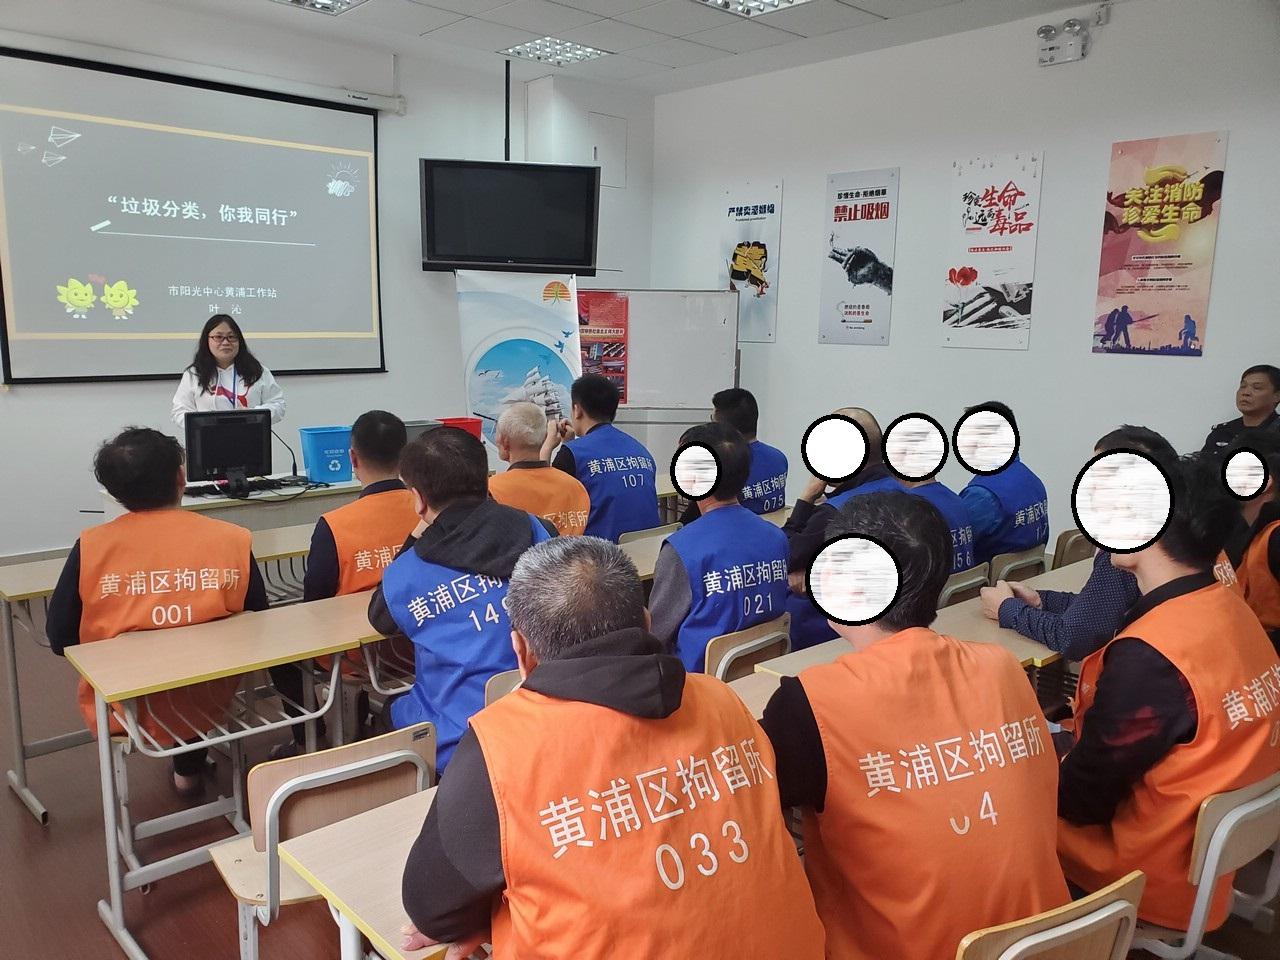 建设美丽家园儿童画_上海市阳光社区青少年事务中心